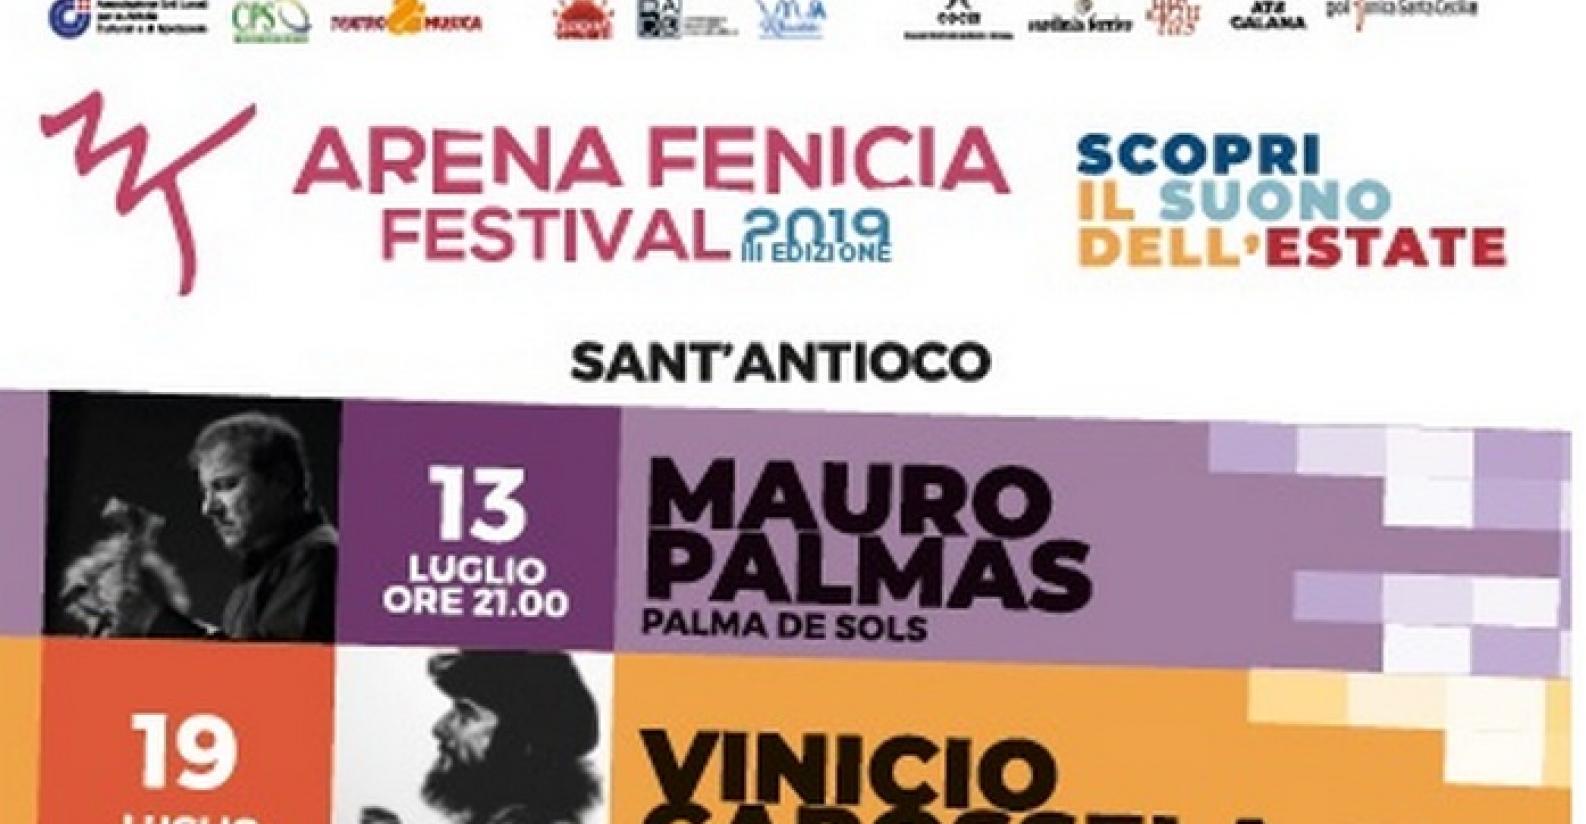 arena_fenicia